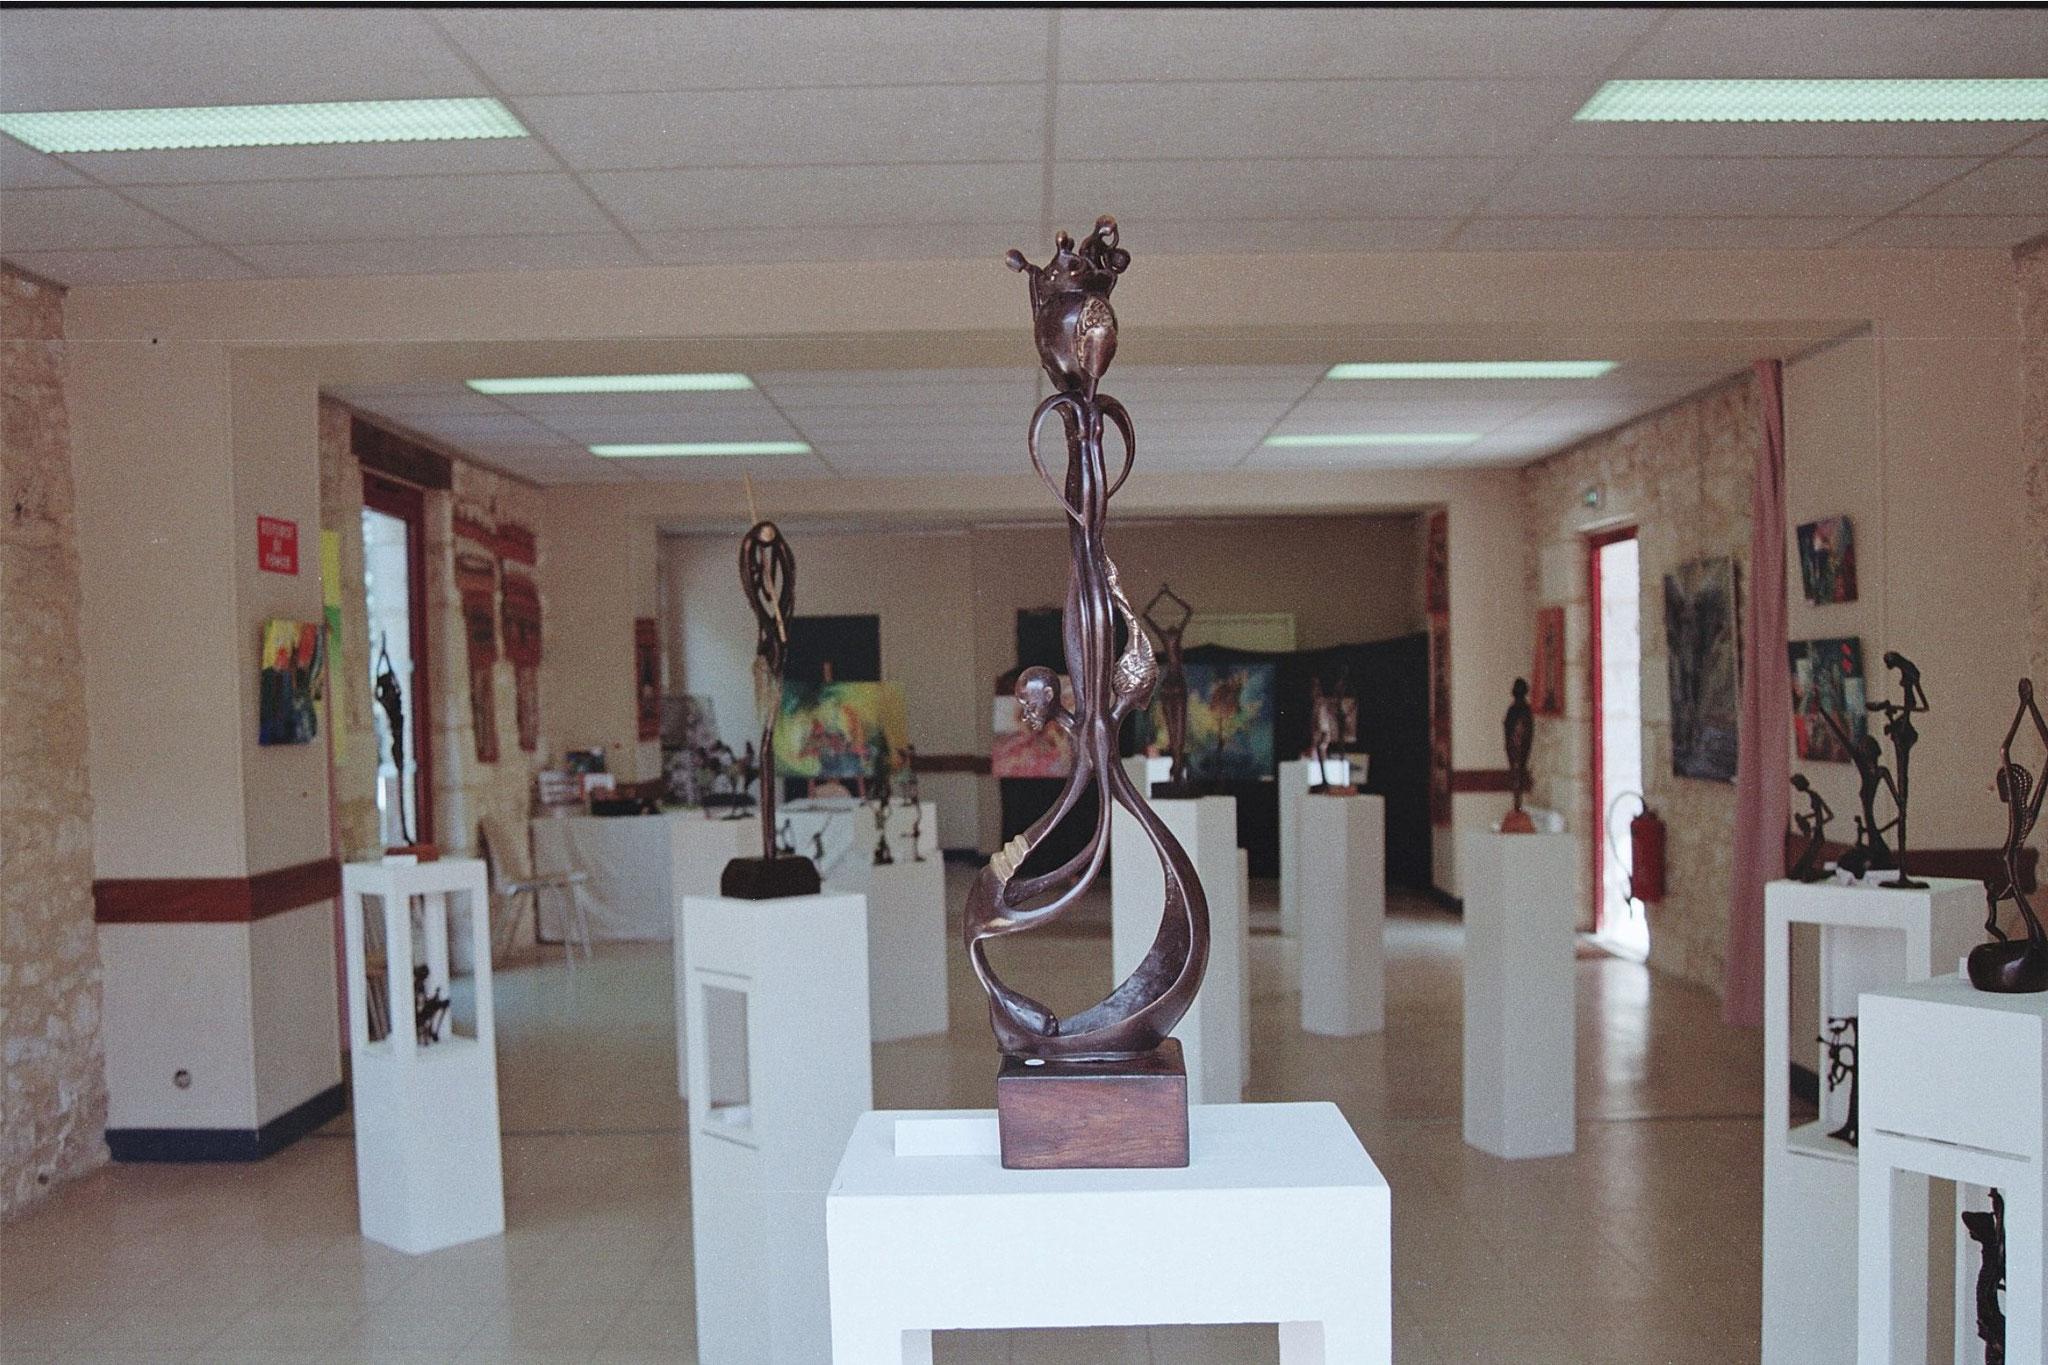 2016 - 24 Monbazillac - Exposition avec Claudine Menou et Aliou Bolly, artistes peintres